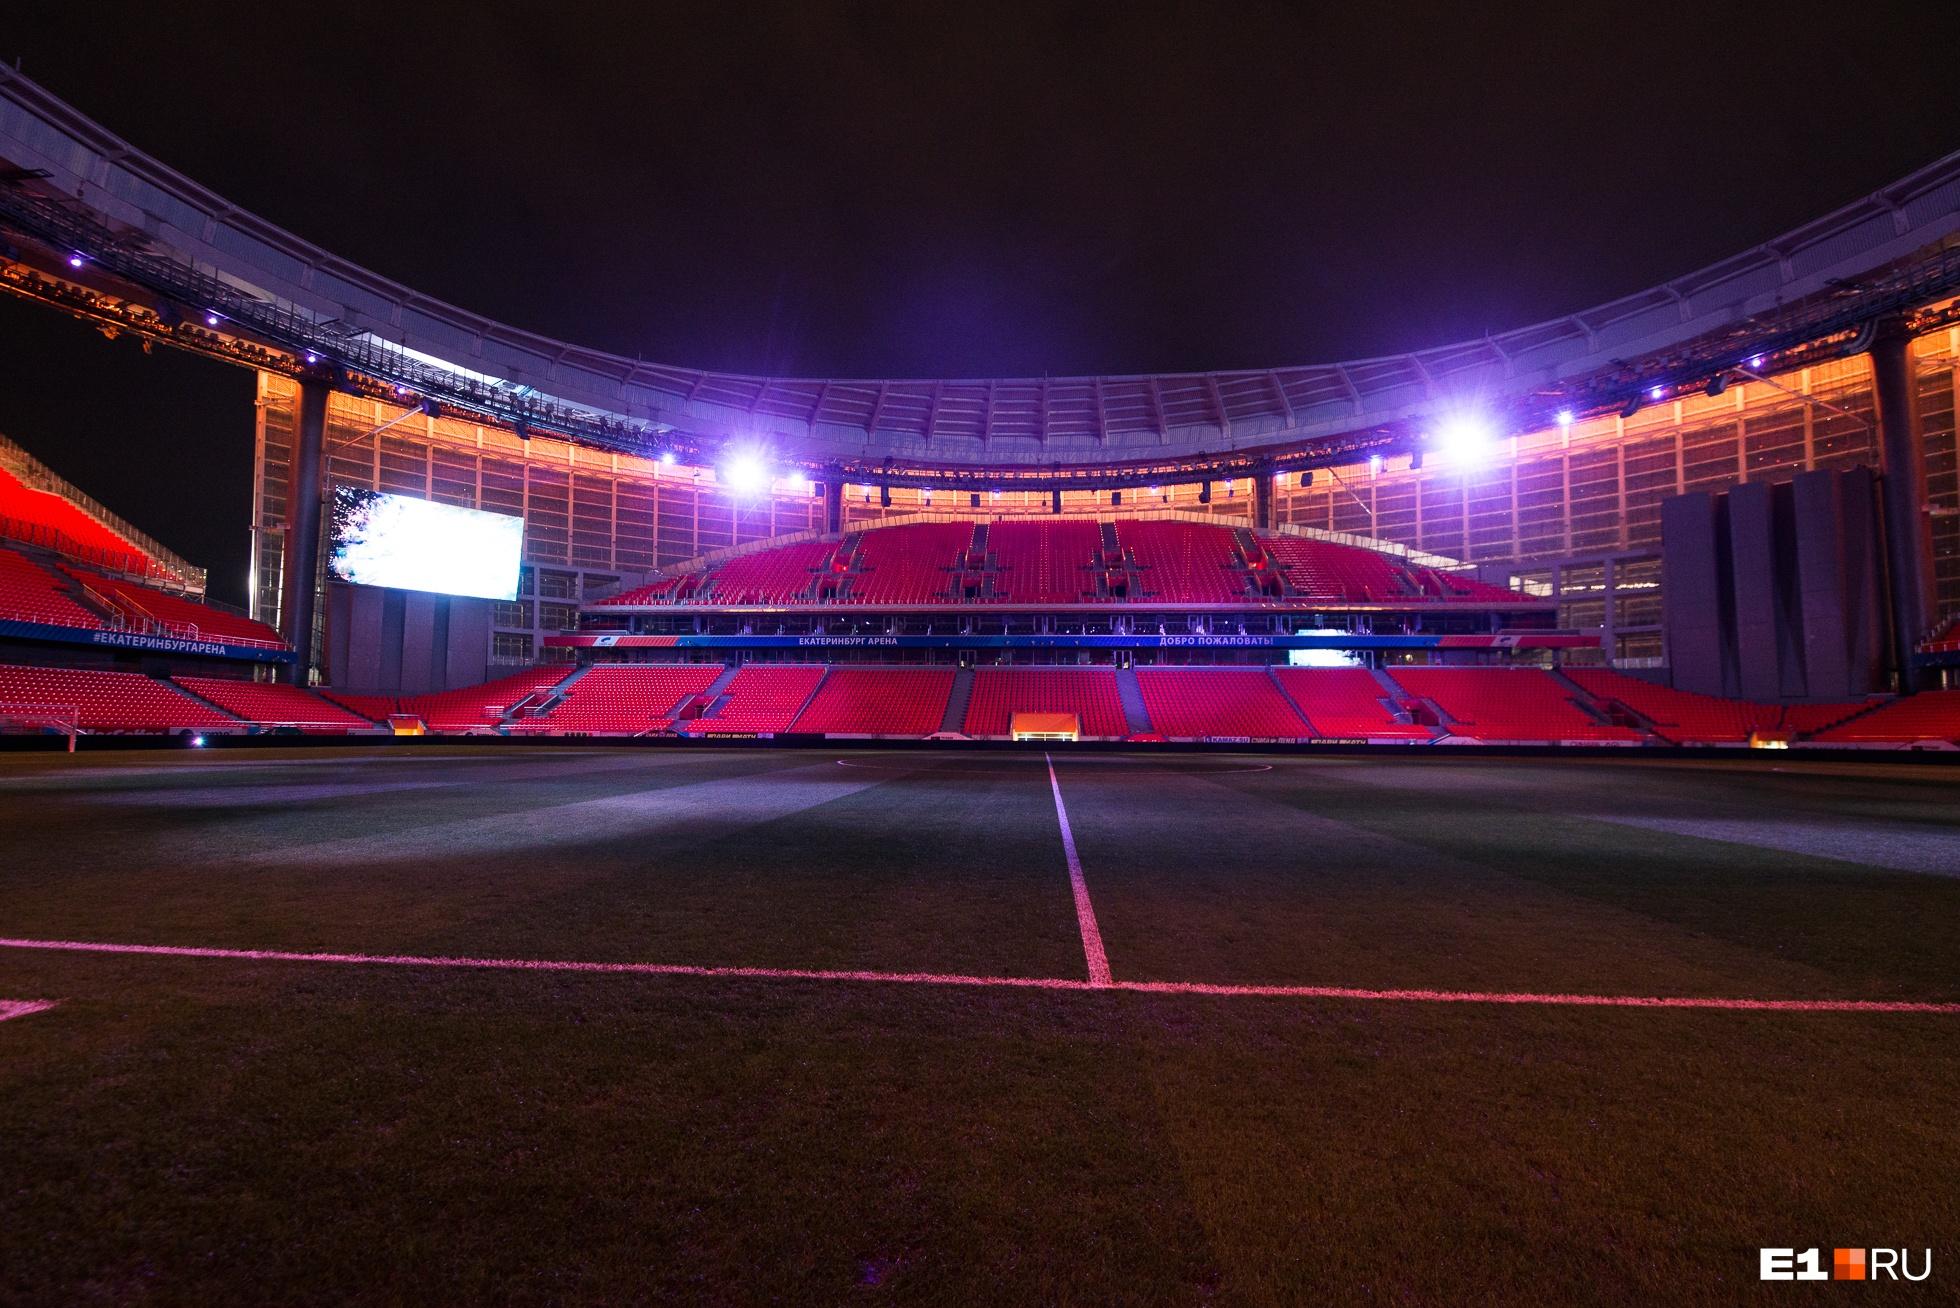 На стадионе продемонстрировали возможности концертного освещения